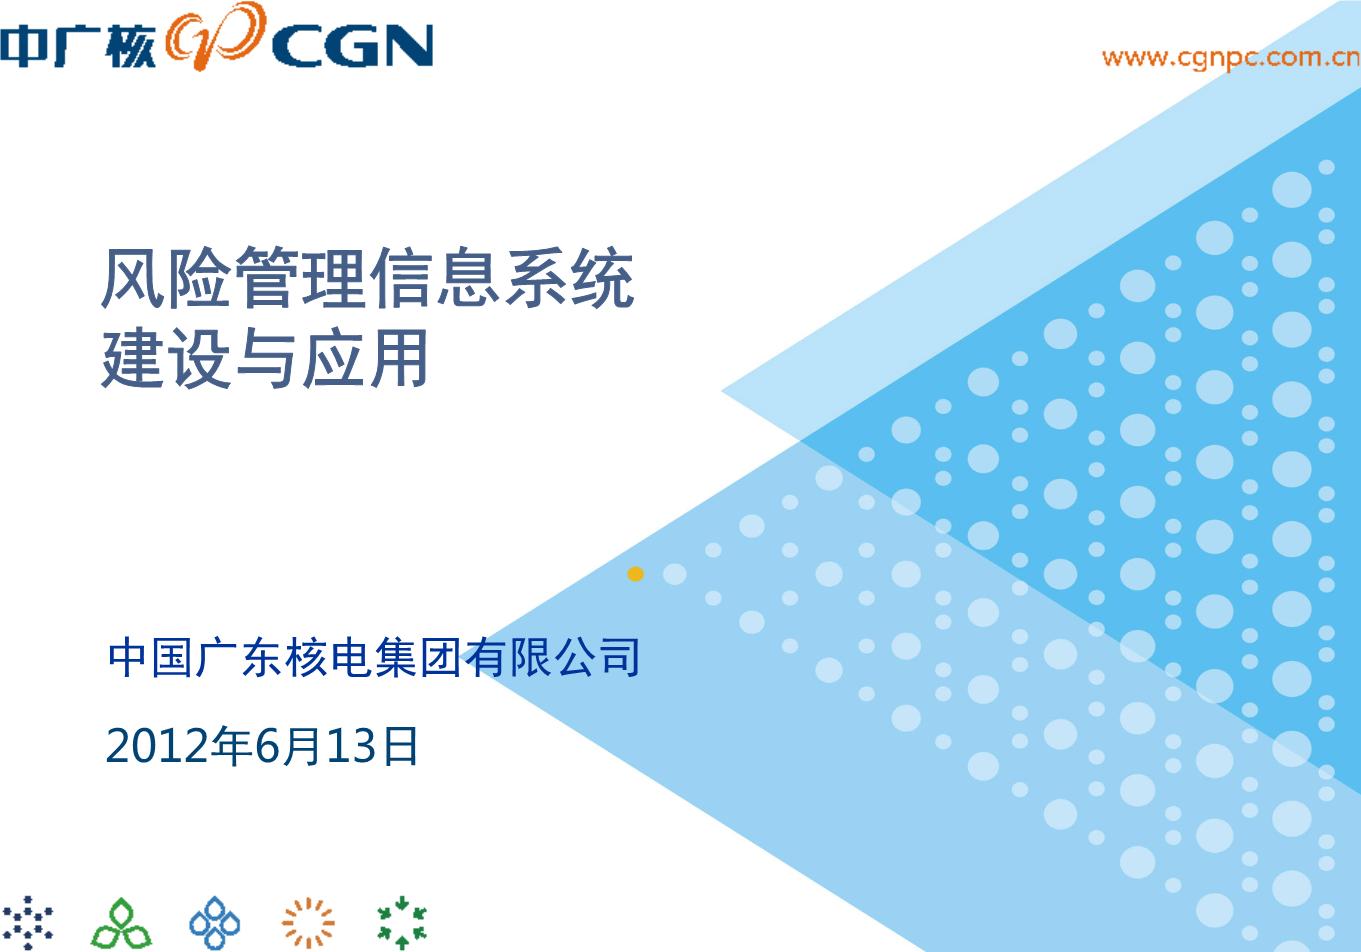 05-中国广东核电集团风险管理信息系统介绍-解